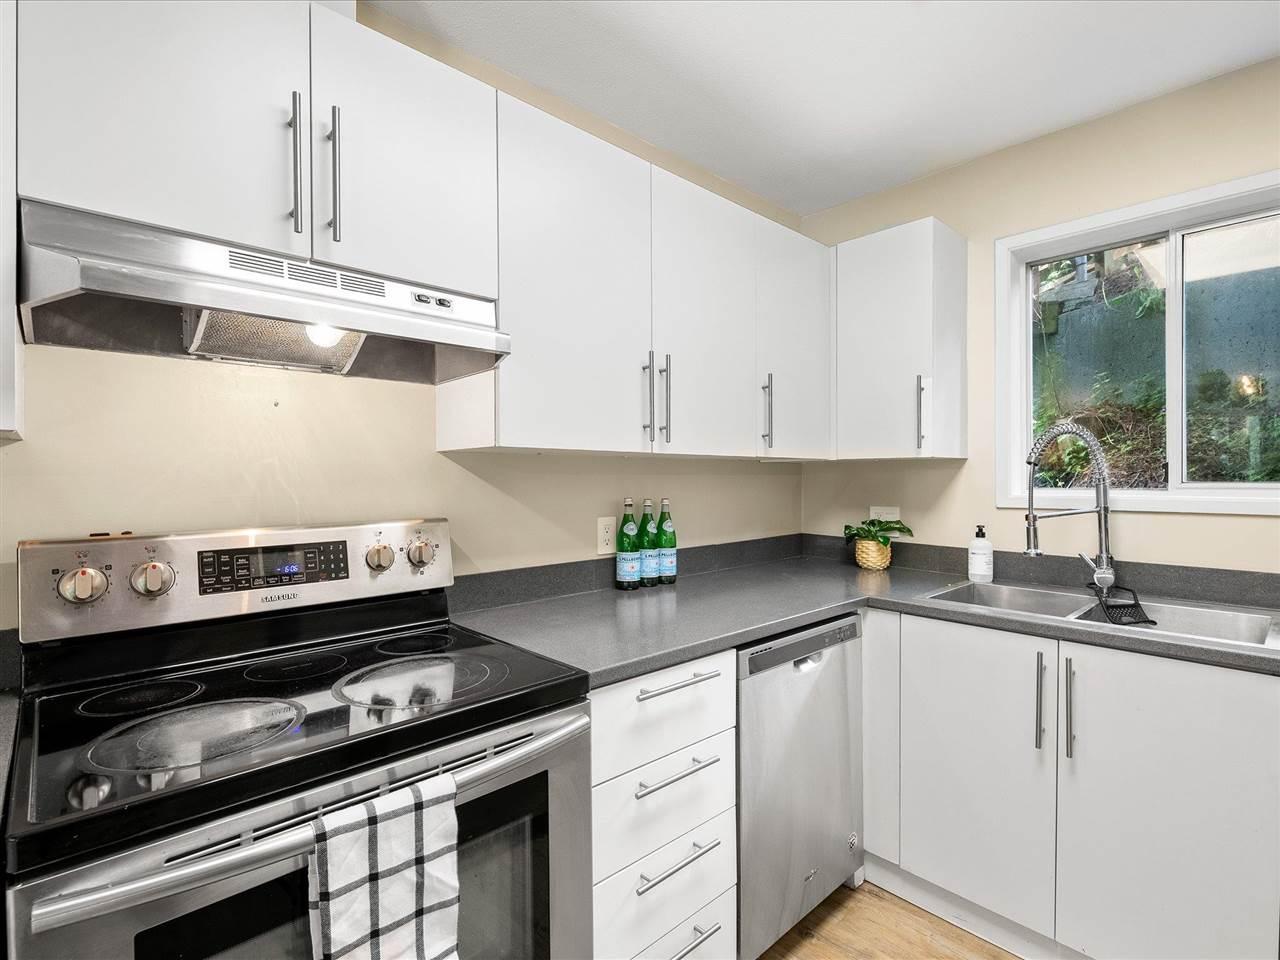 72 2222 BRANDYWINE WAY - Bayshores 1/2 Duplex for sale, 3 Bedrooms (R2591139) - #9